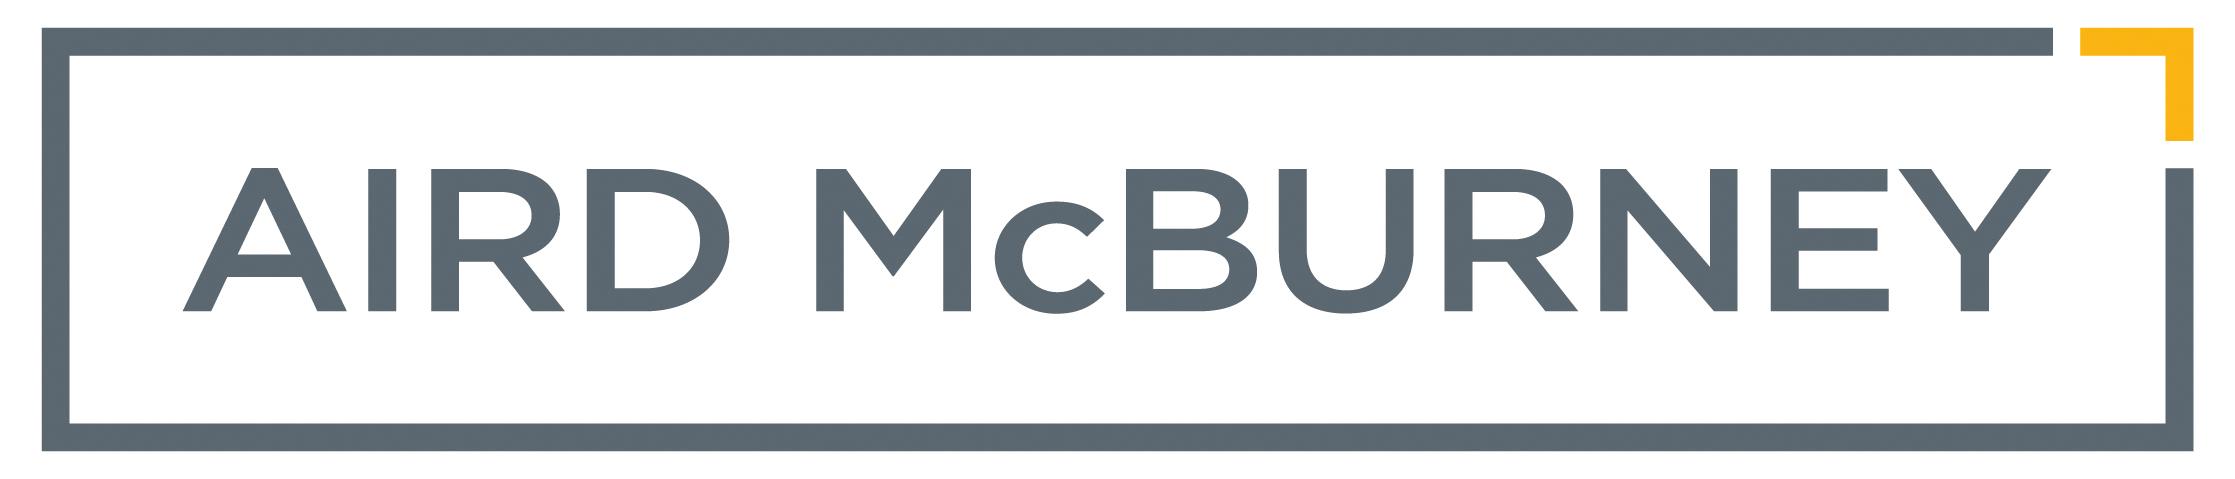 aird-mcburney-logo